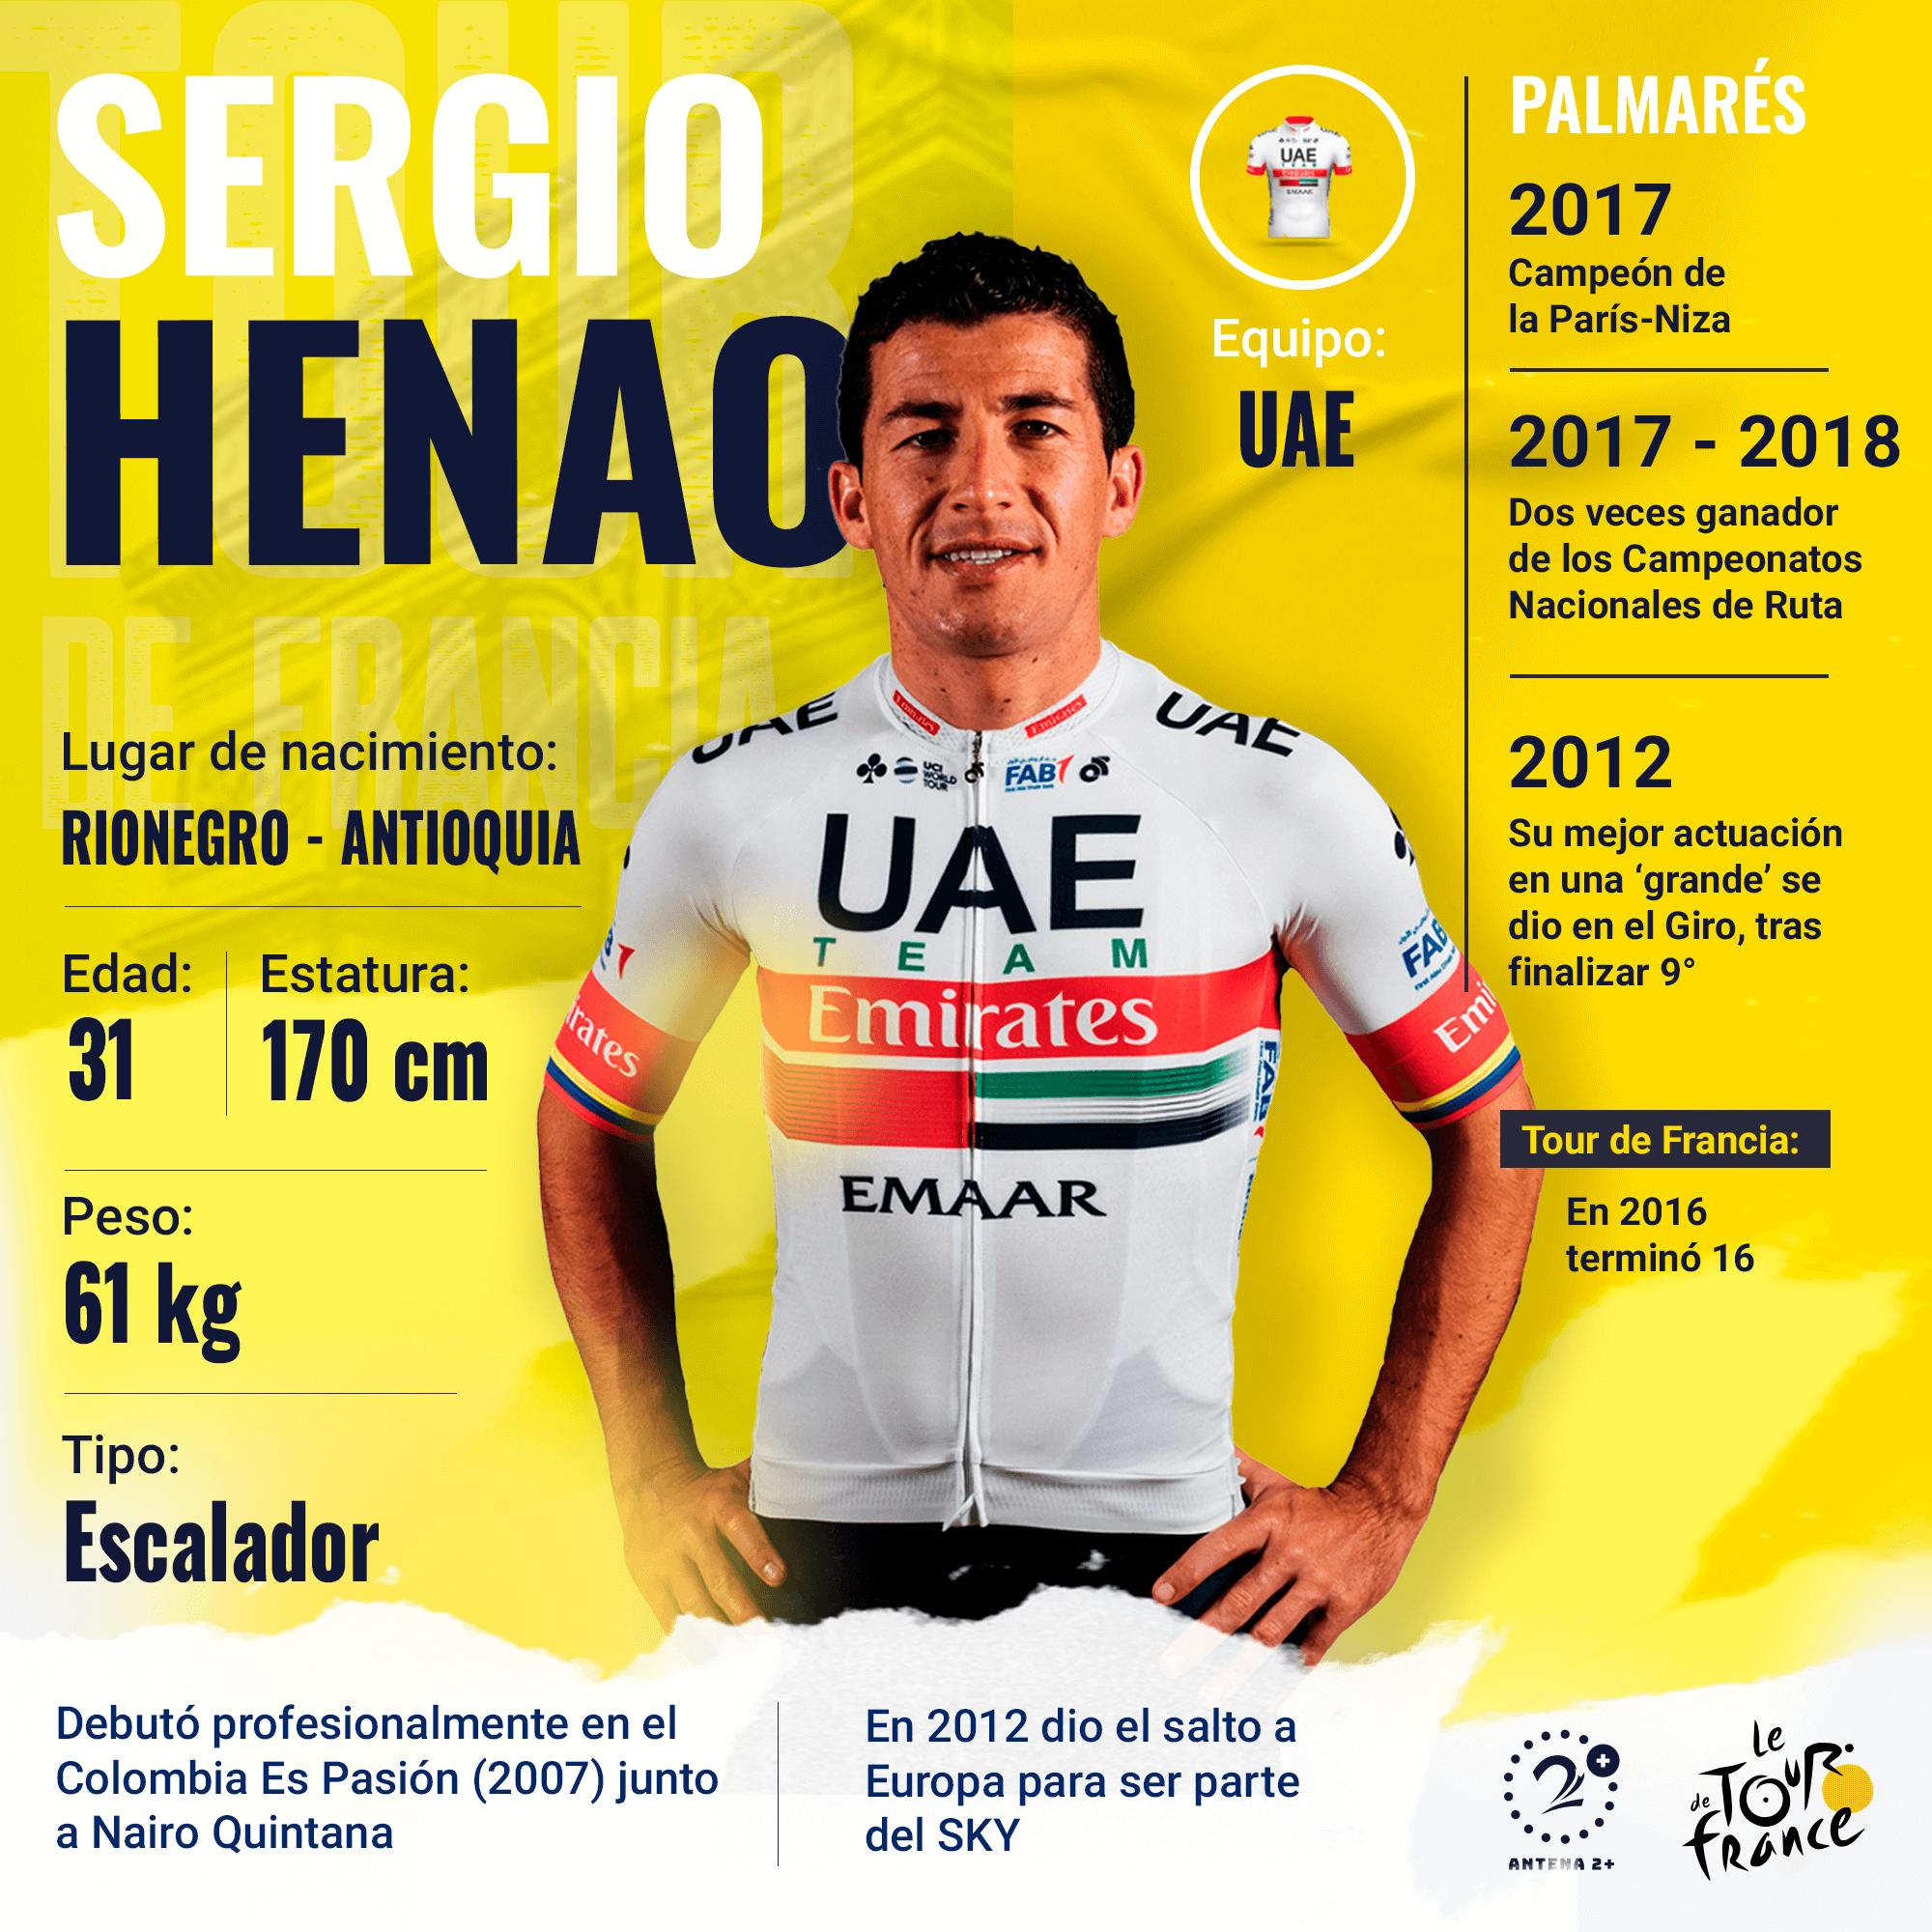 Sergio Luis Henao, ciclista del UAE en el Tour de Francia.